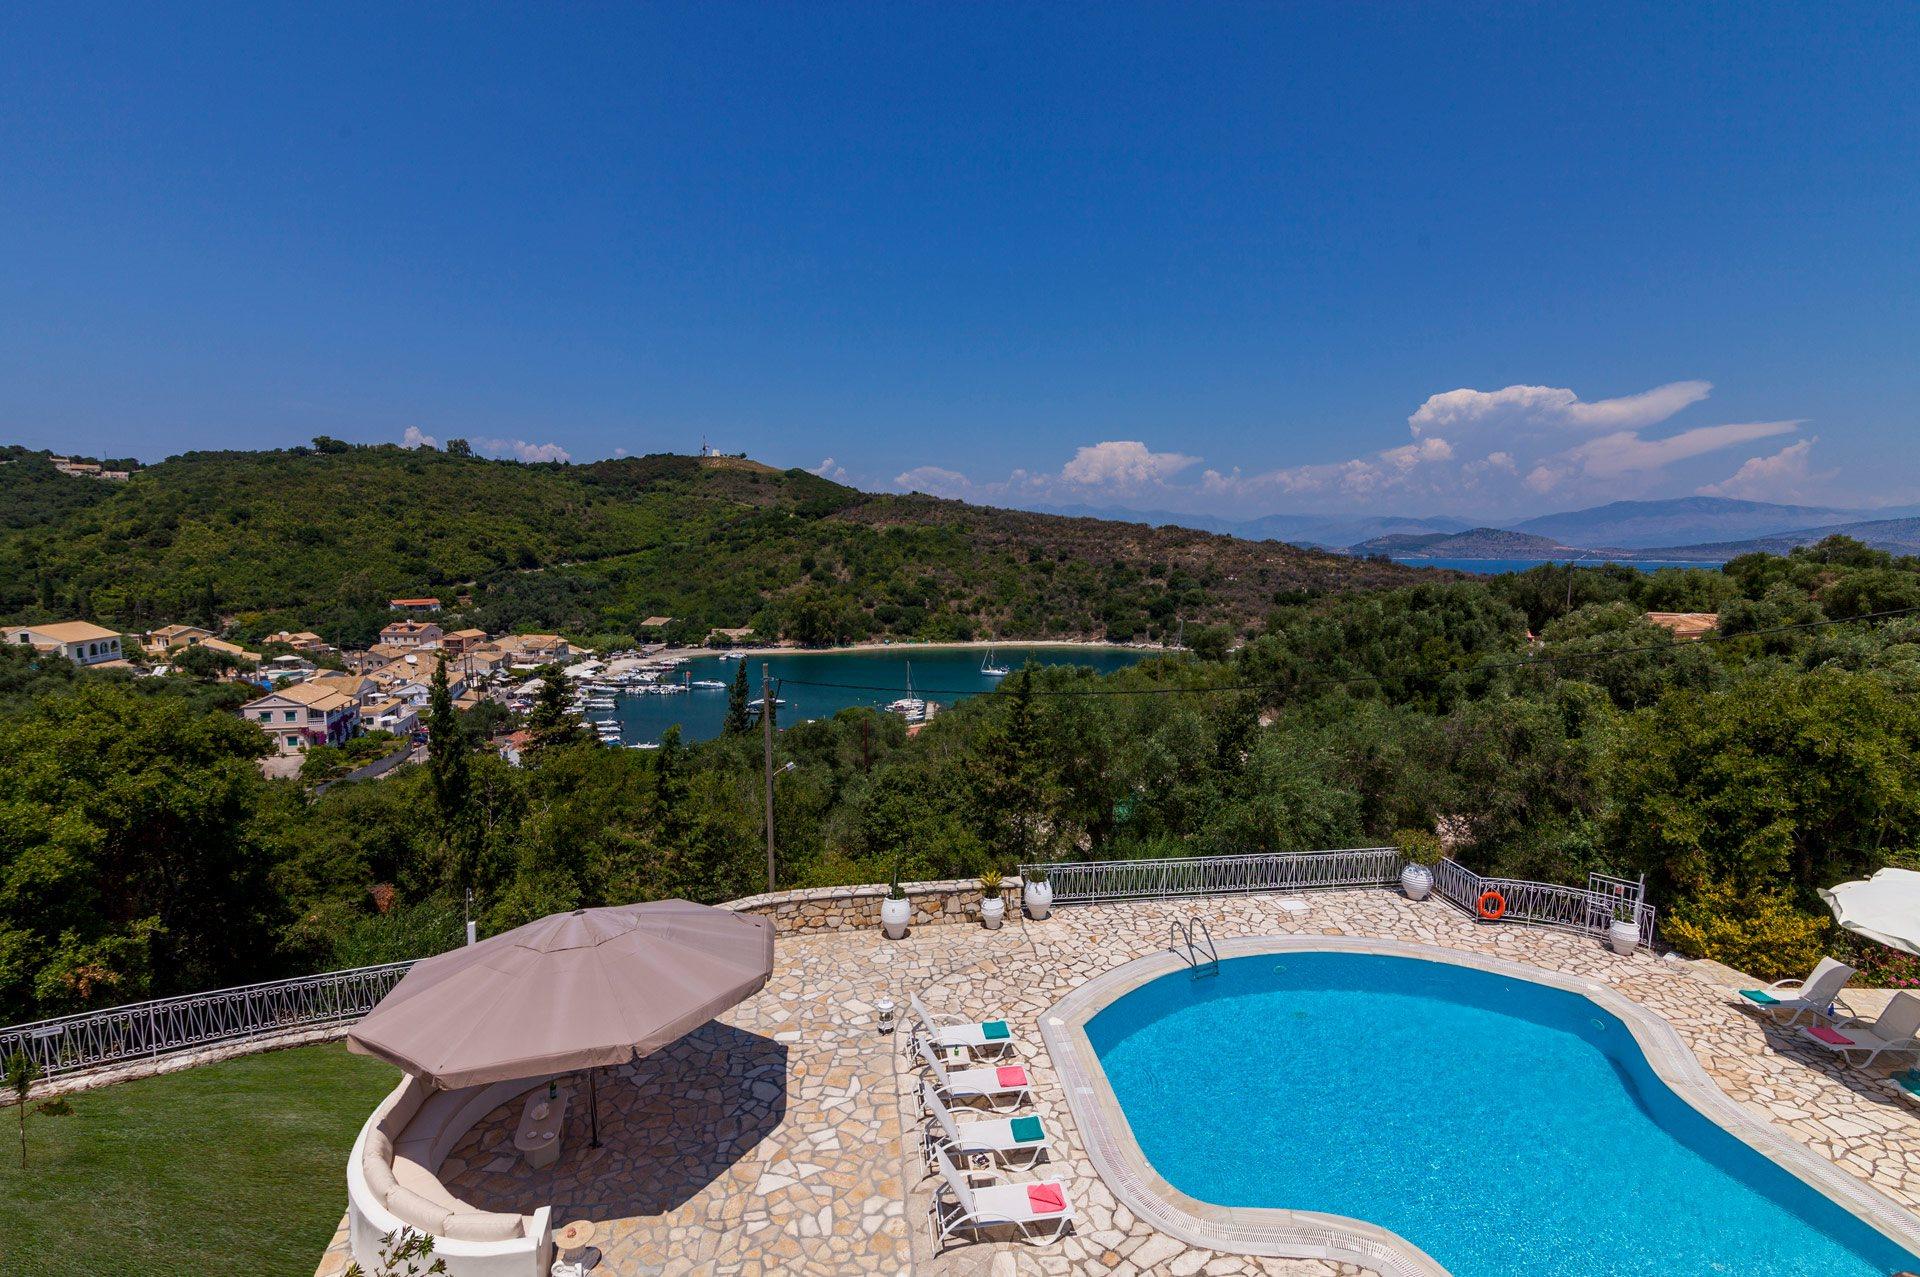 Villa San Stefanos House, Agios Stefanos, Corfu, Greece